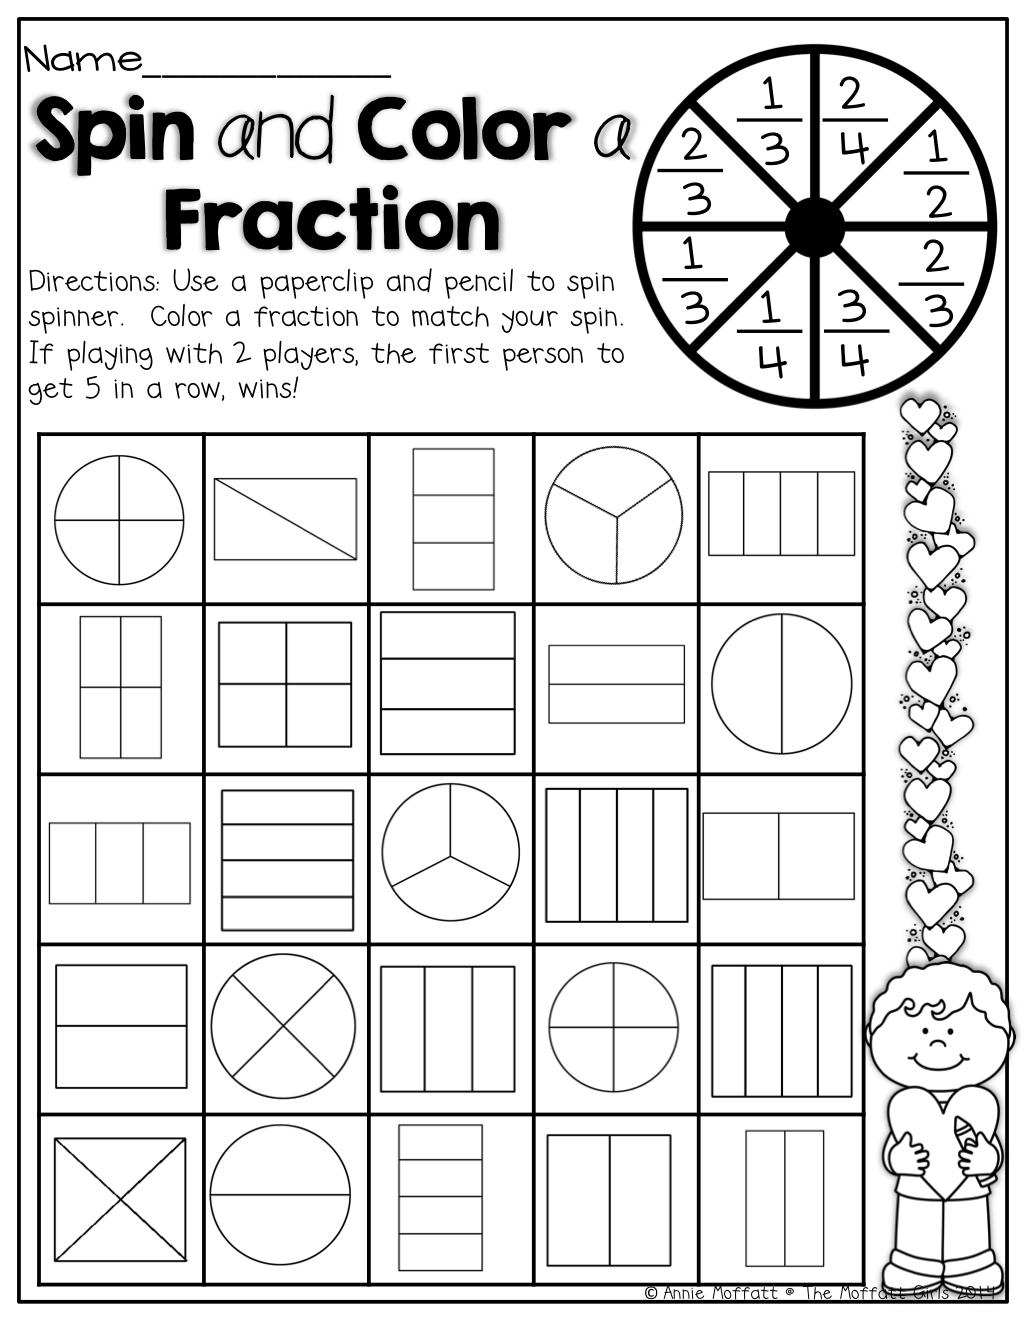 February No Prep Packet 1st Grade Math Math Worksheets Math Math Fractions 2nd Grade Math Education Math